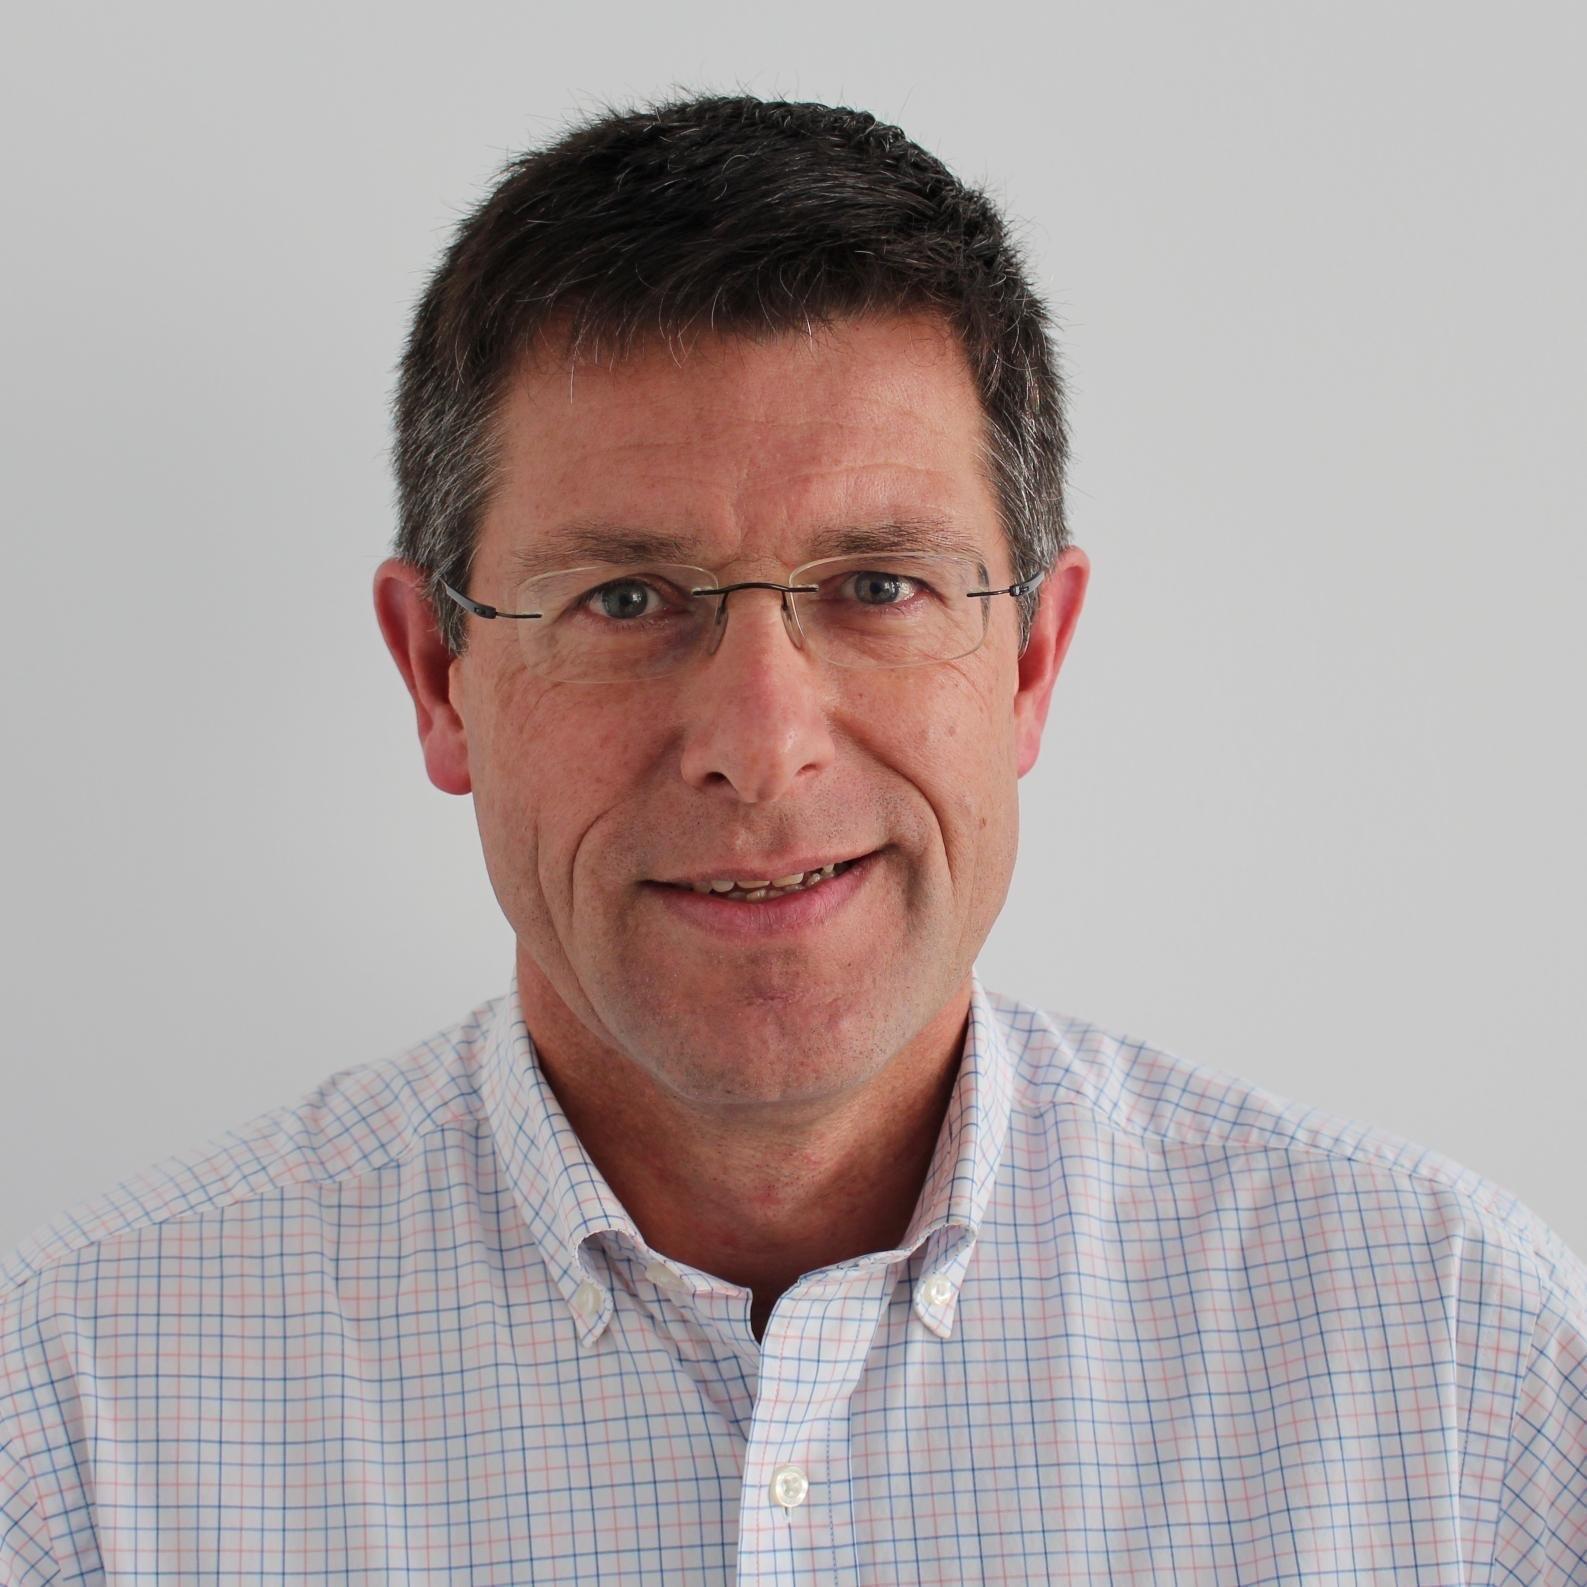 Adam Quinton